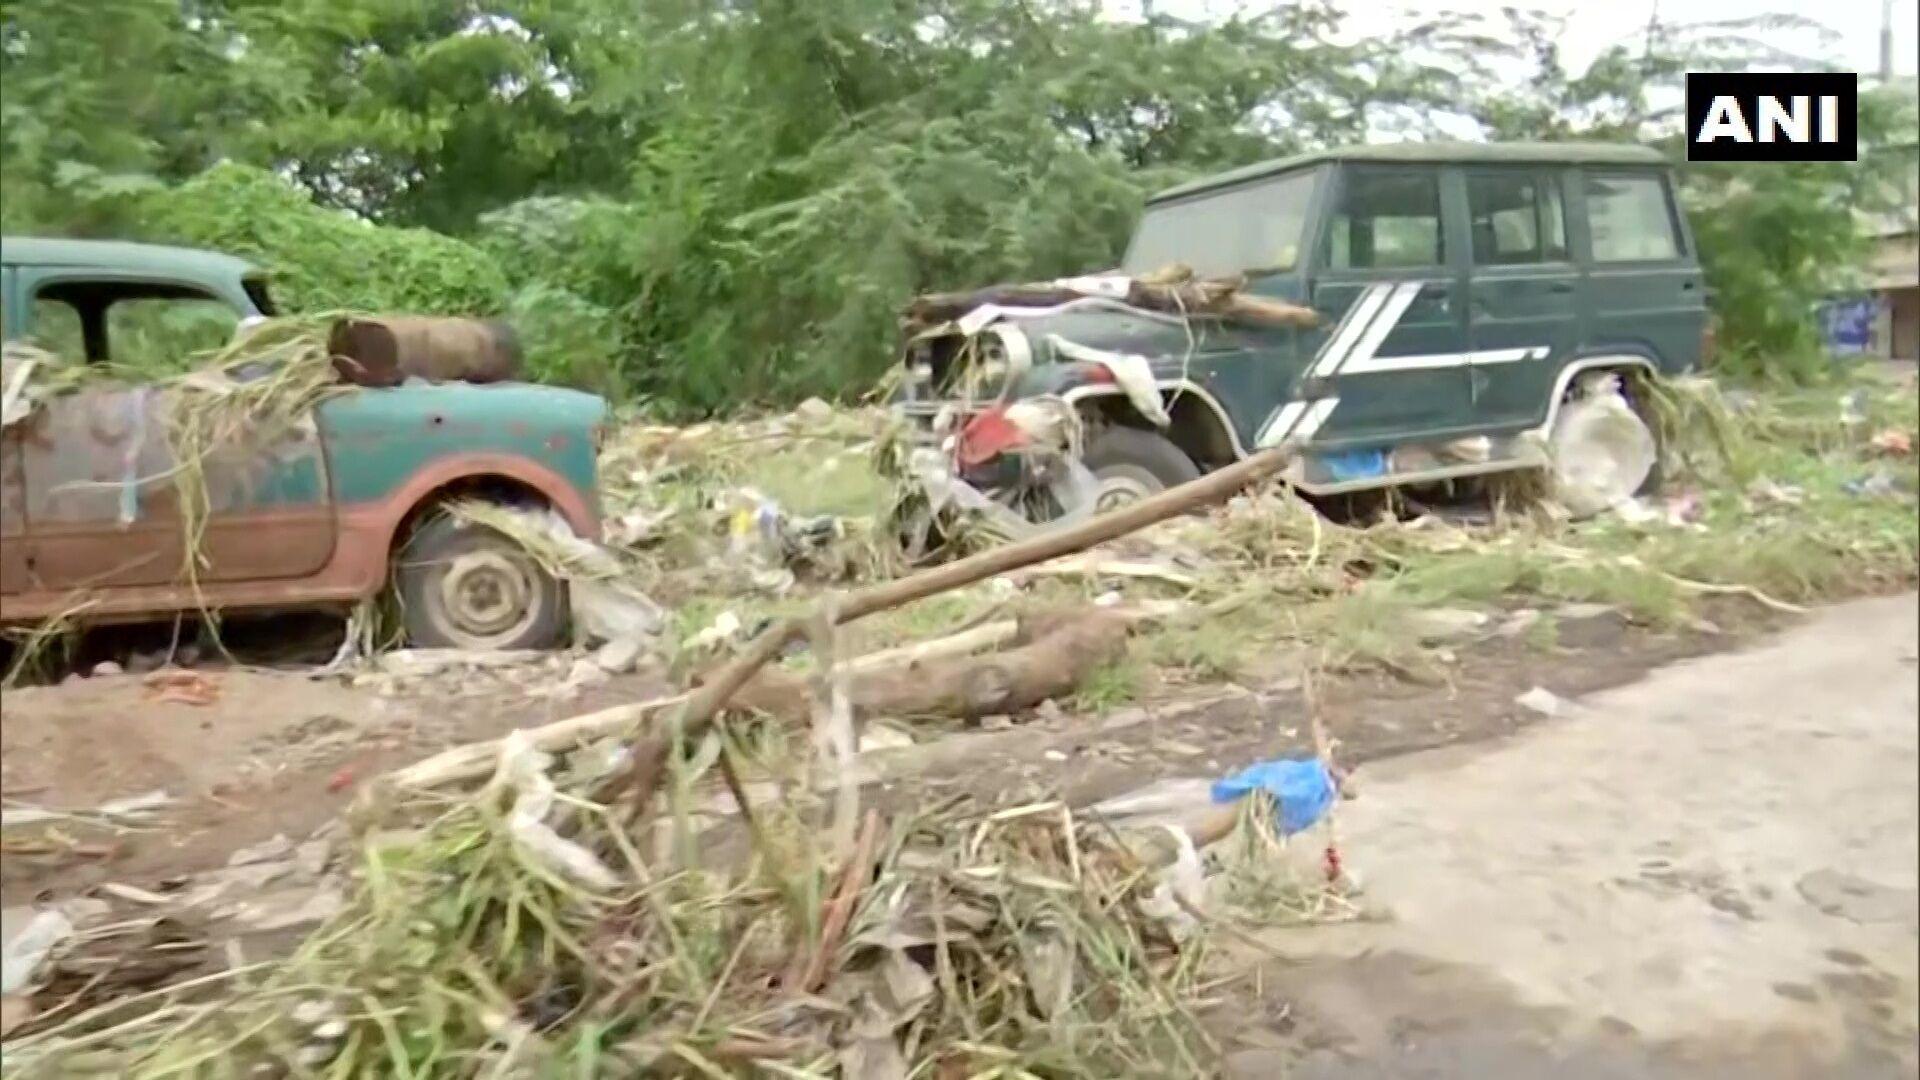 Повінь в Індії знищила автомобілі.